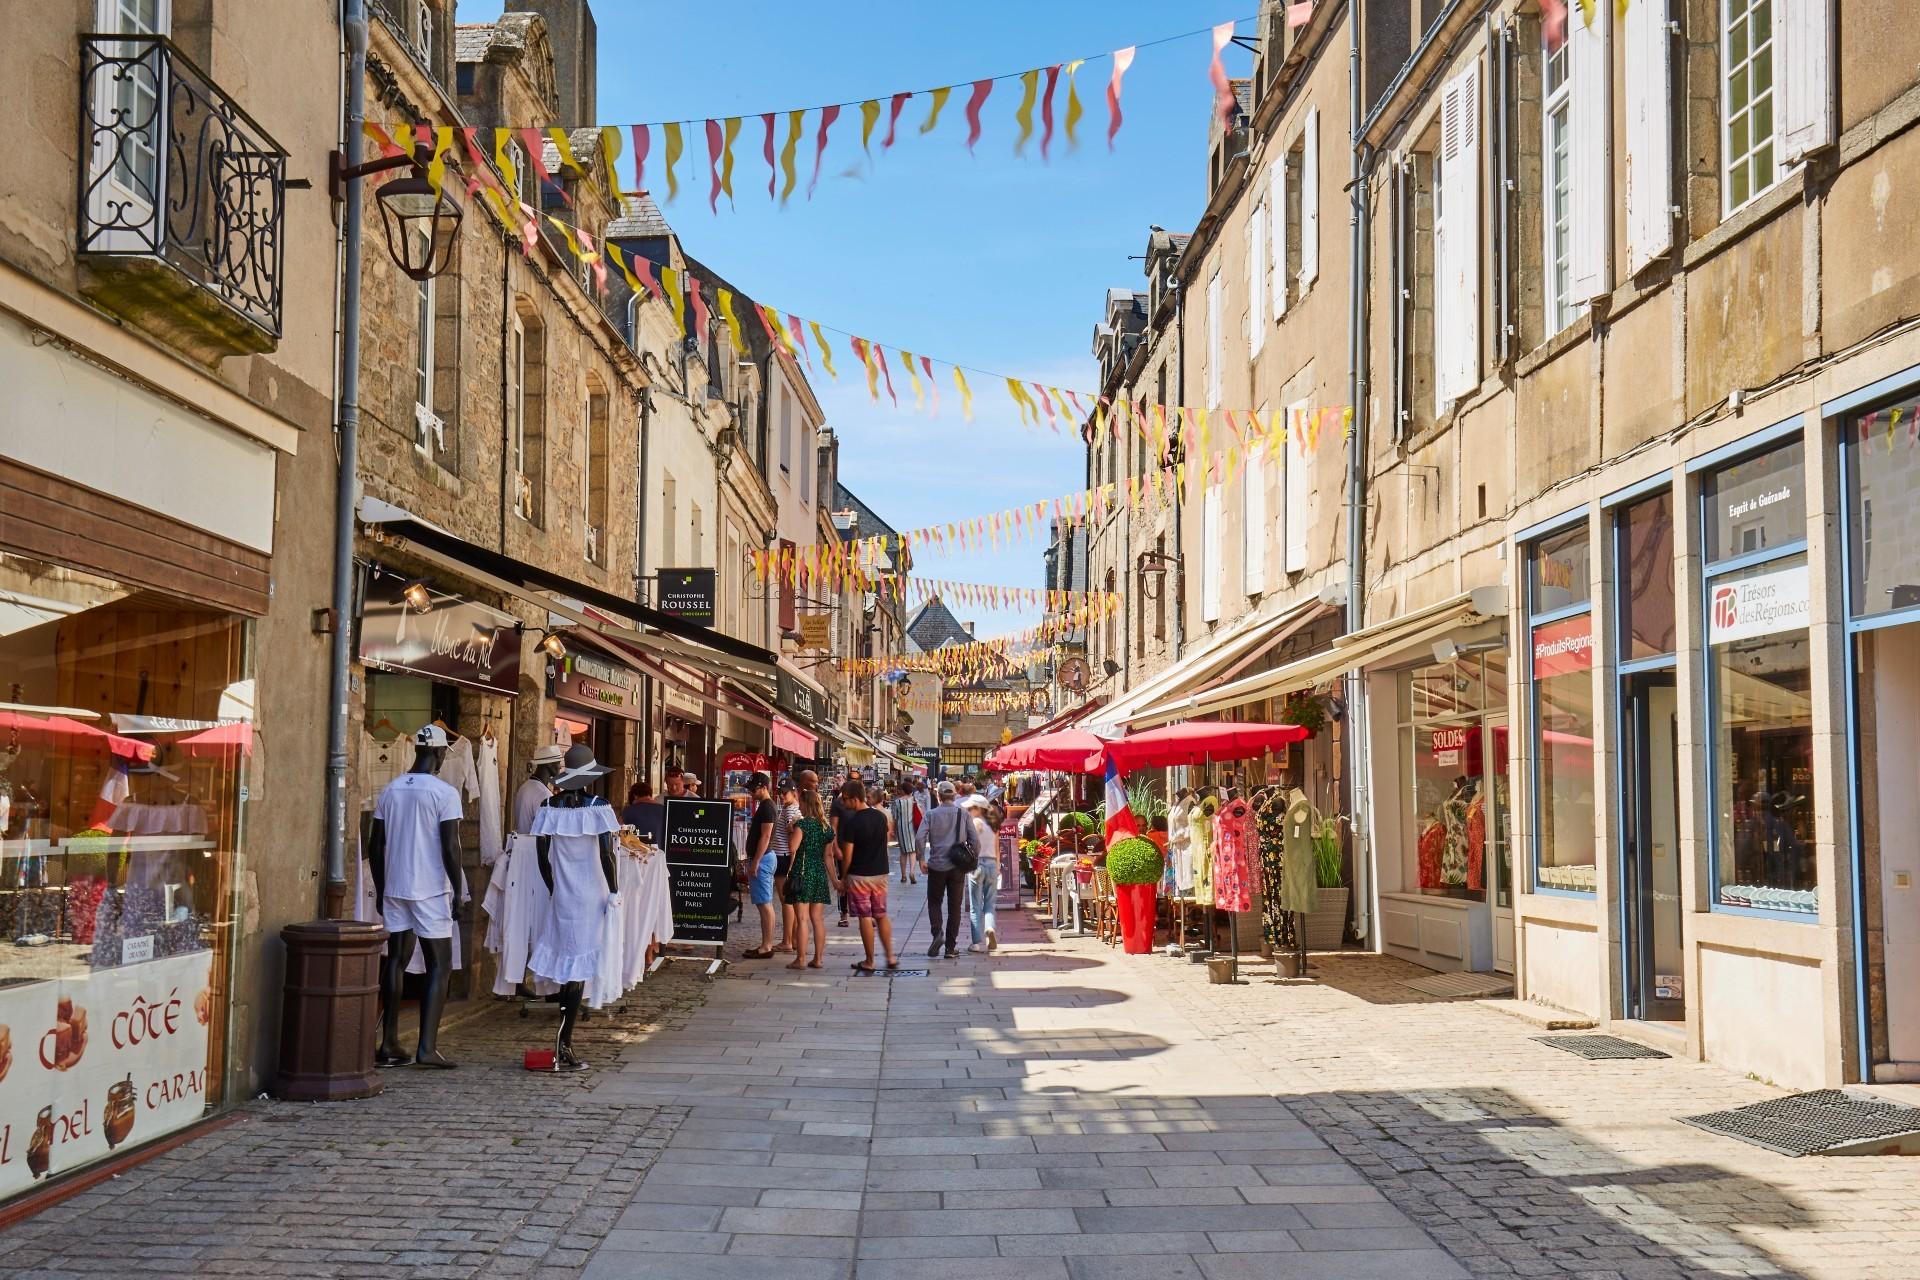 Flânerie dans les rues de Guérande